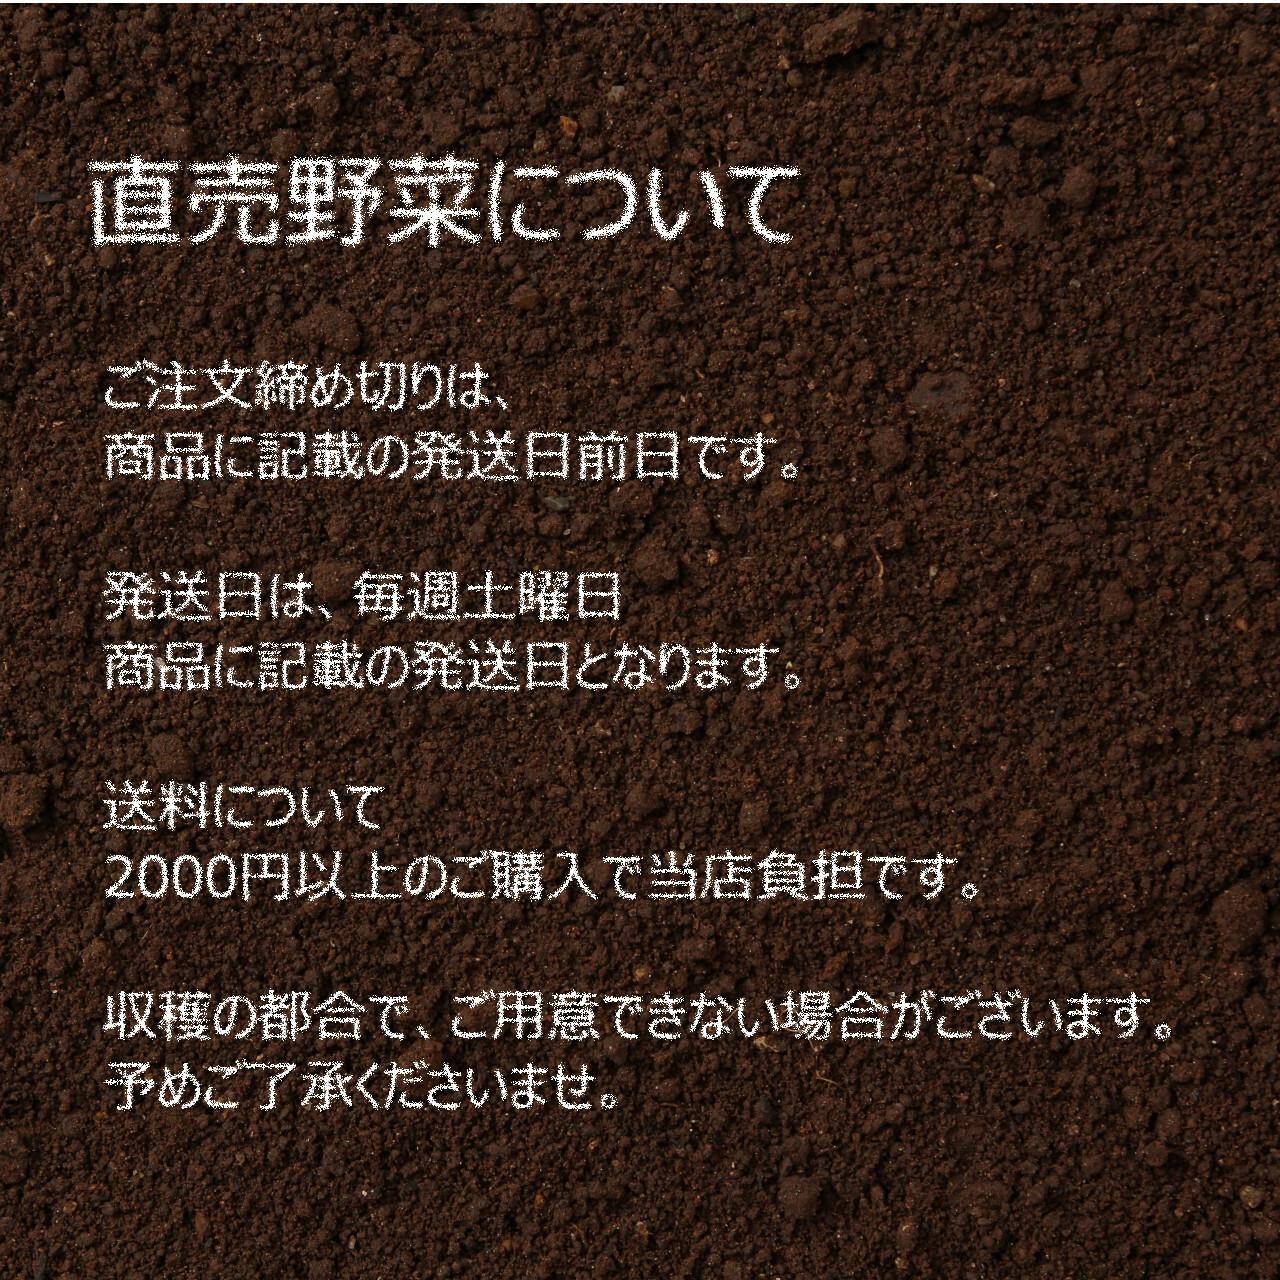 10月の朝採り直売野菜 : ブロッコリー 約 1個: 新鮮な秋野菜 10月24日発送予定